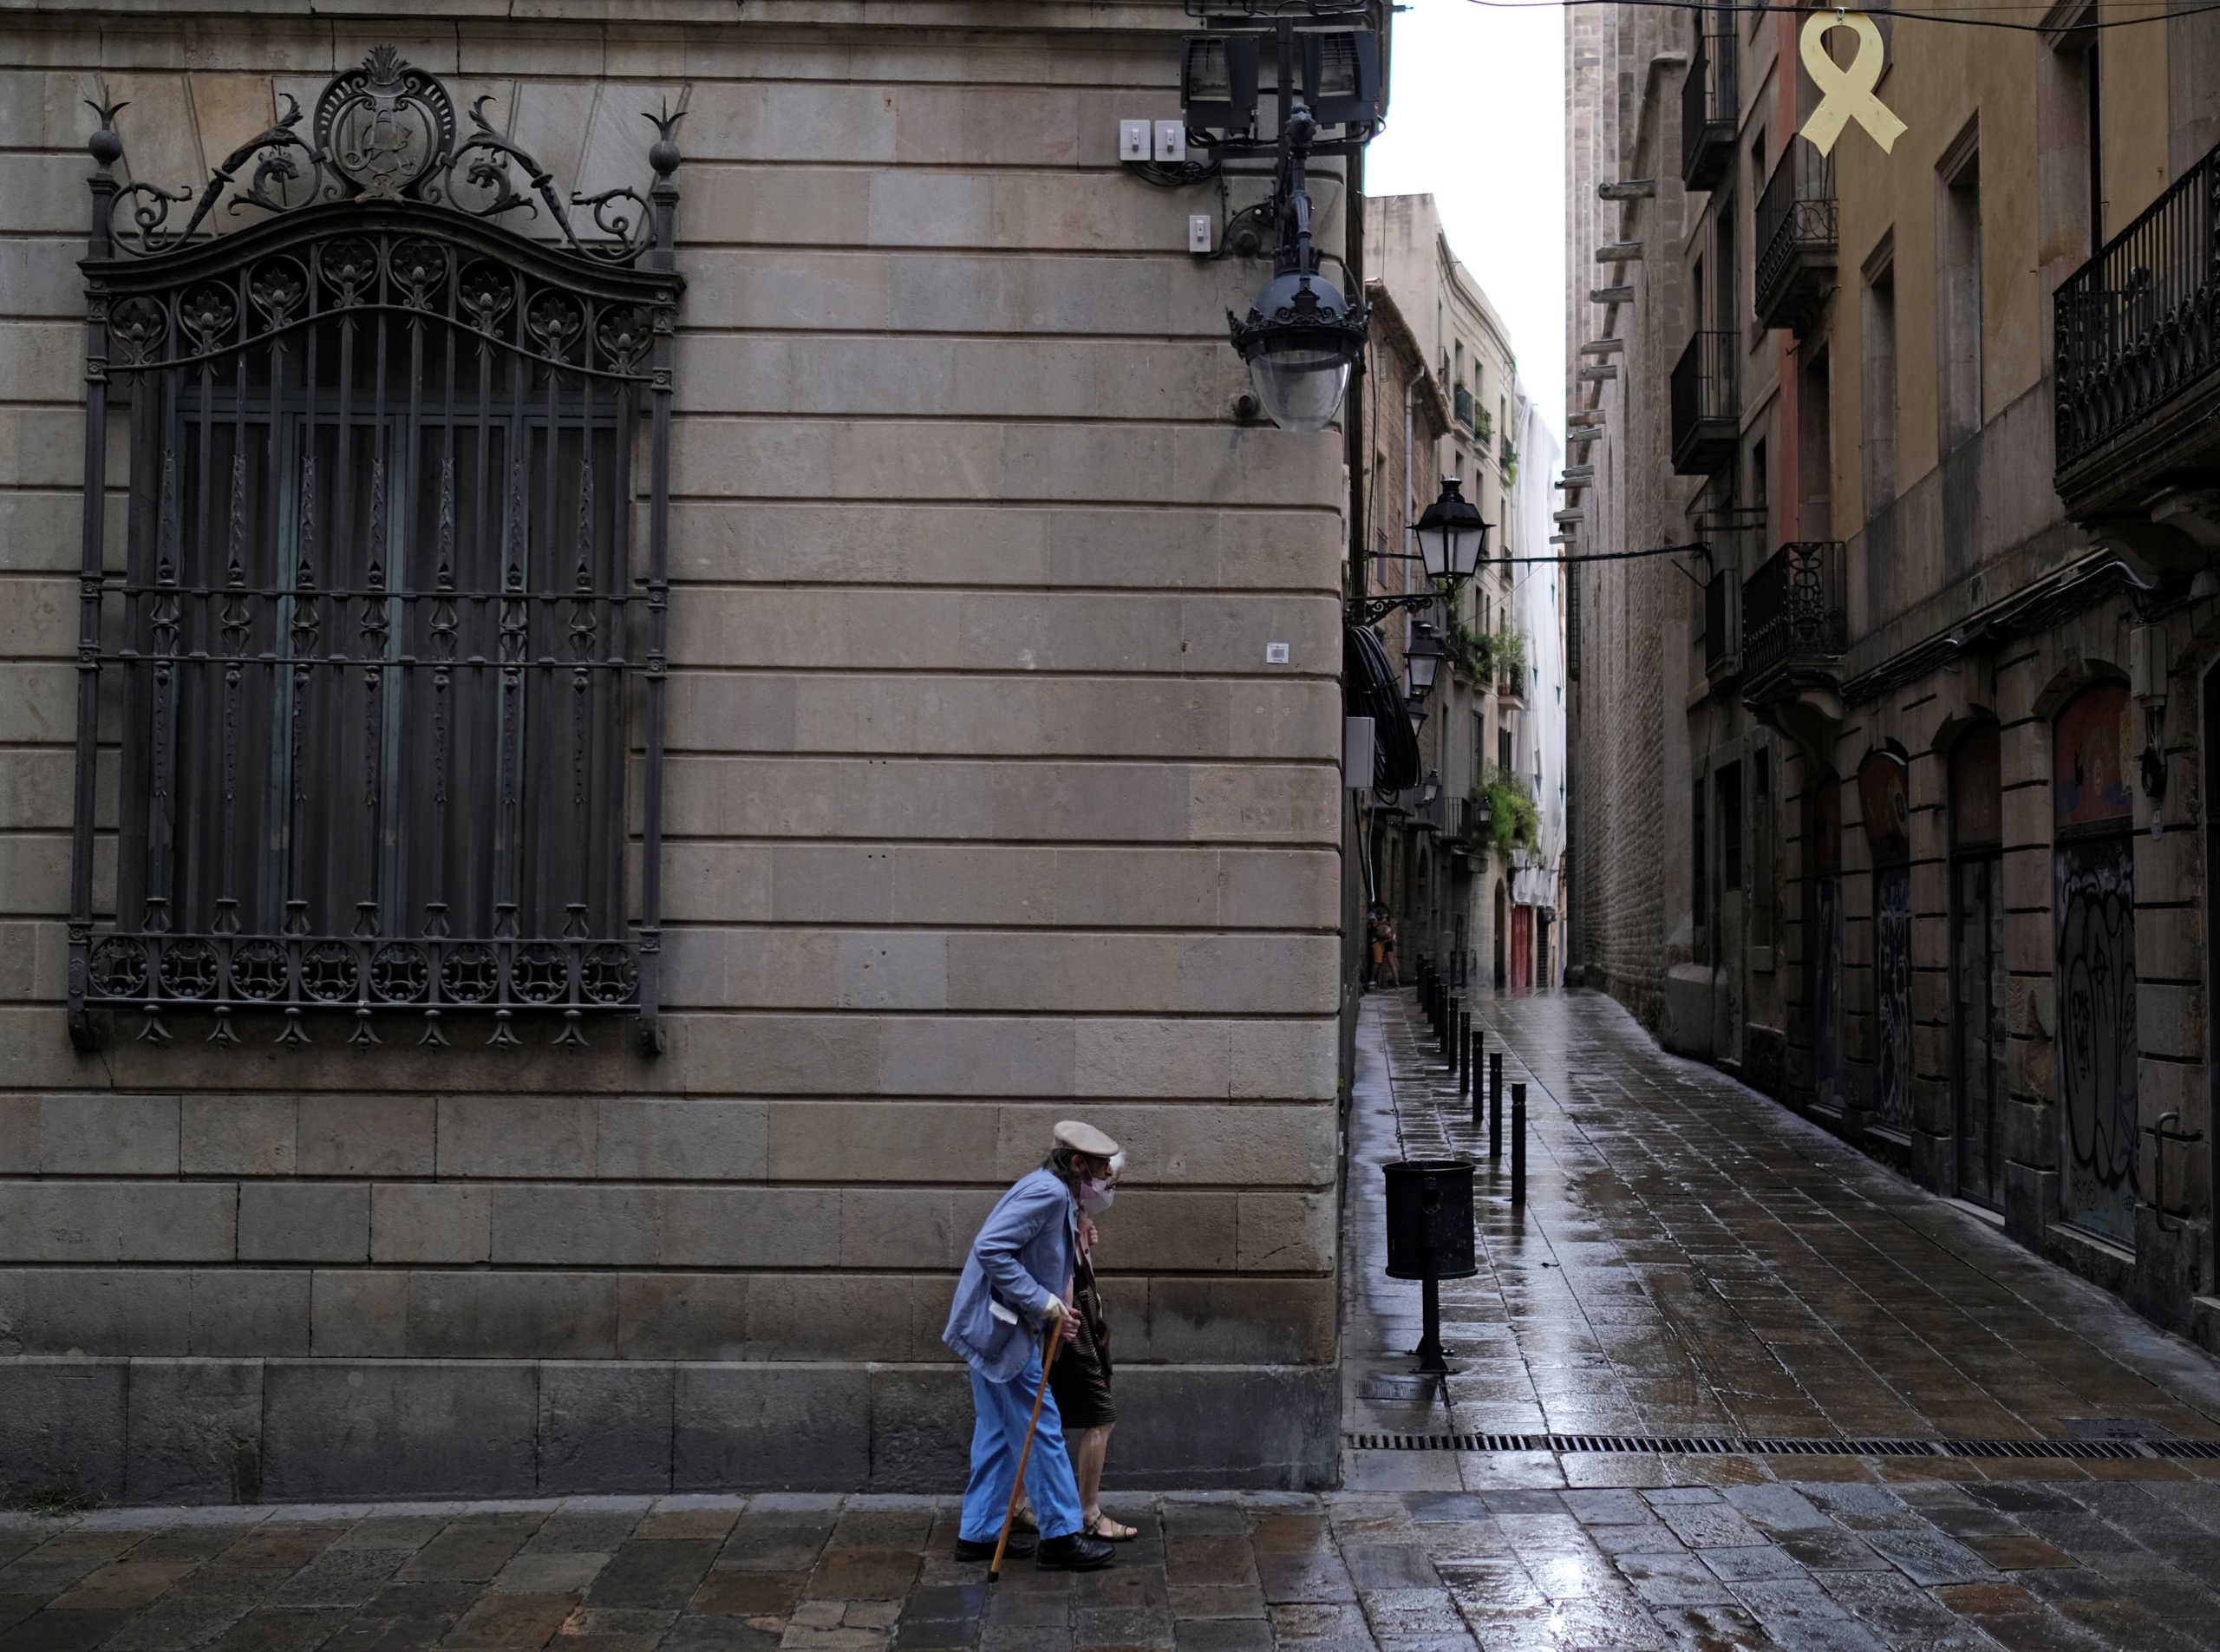 """Καταλονία: Ξανά… """"Μένουμε Σπίτι""""! Έκκληση στον κόσμο σε τρεις πόλεις να μην κυκλοφορεί"""